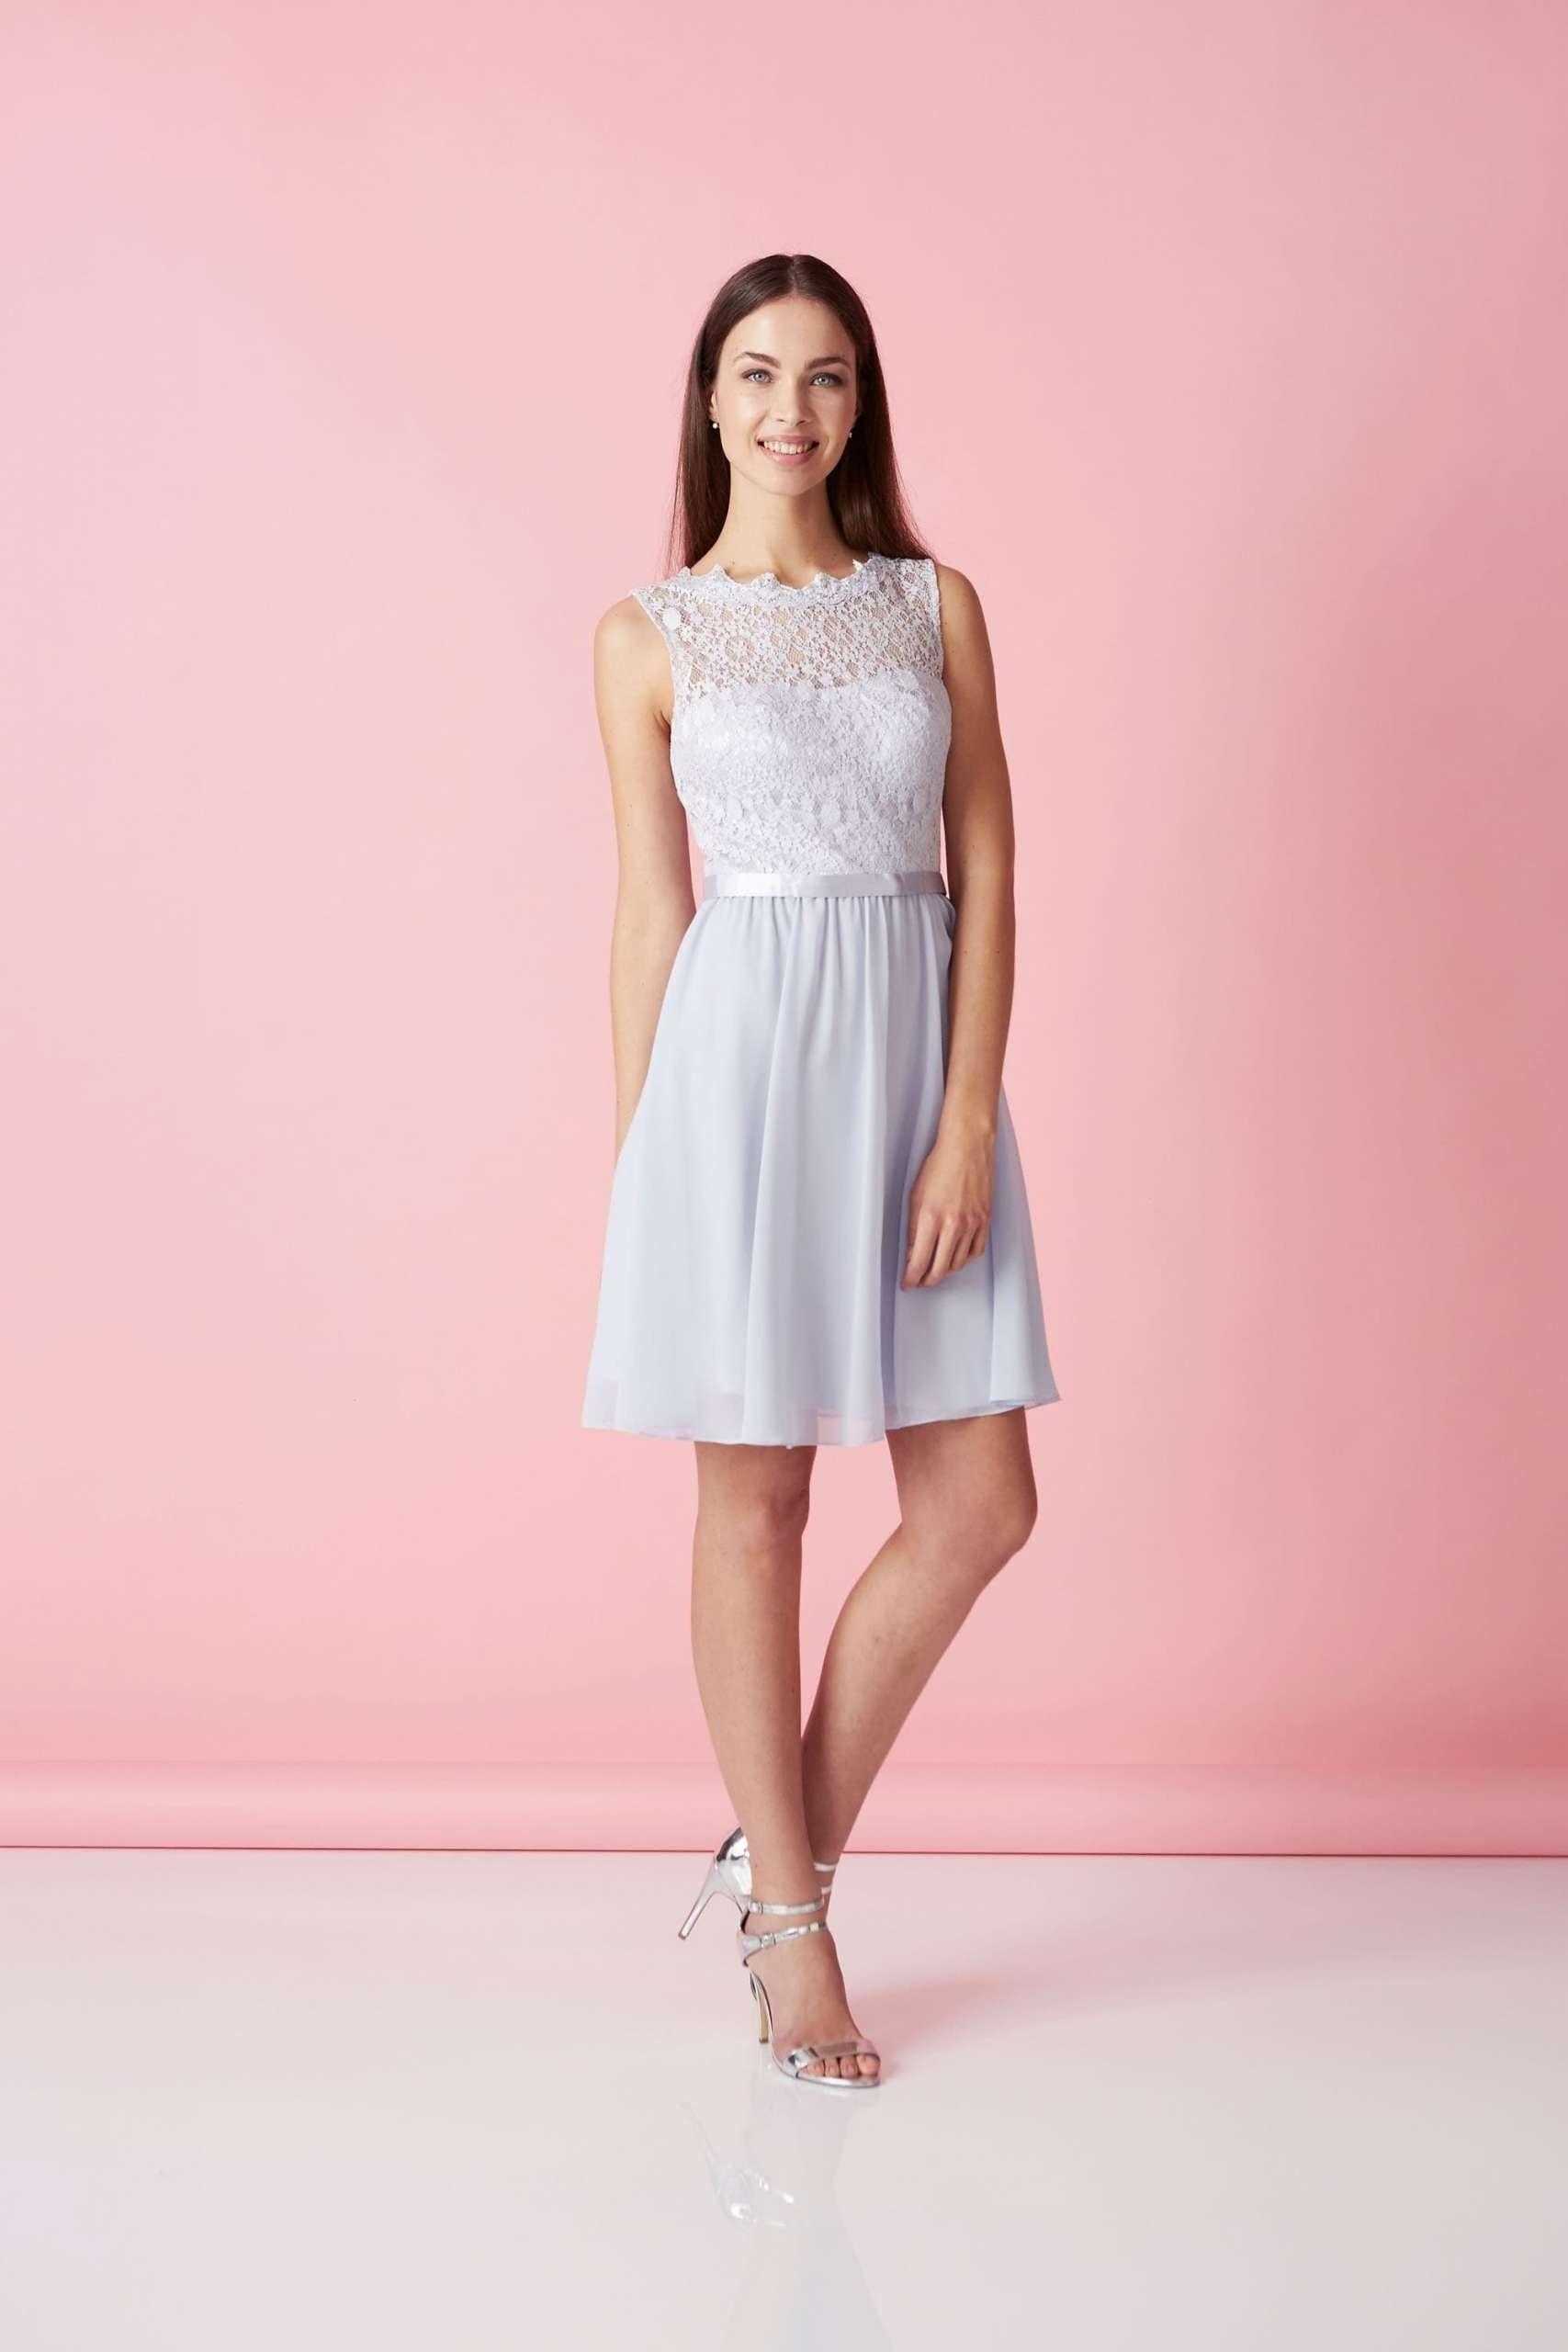 Wunderbar Kleines Kleid Boutique Schön Kleines Kleid Ärmel